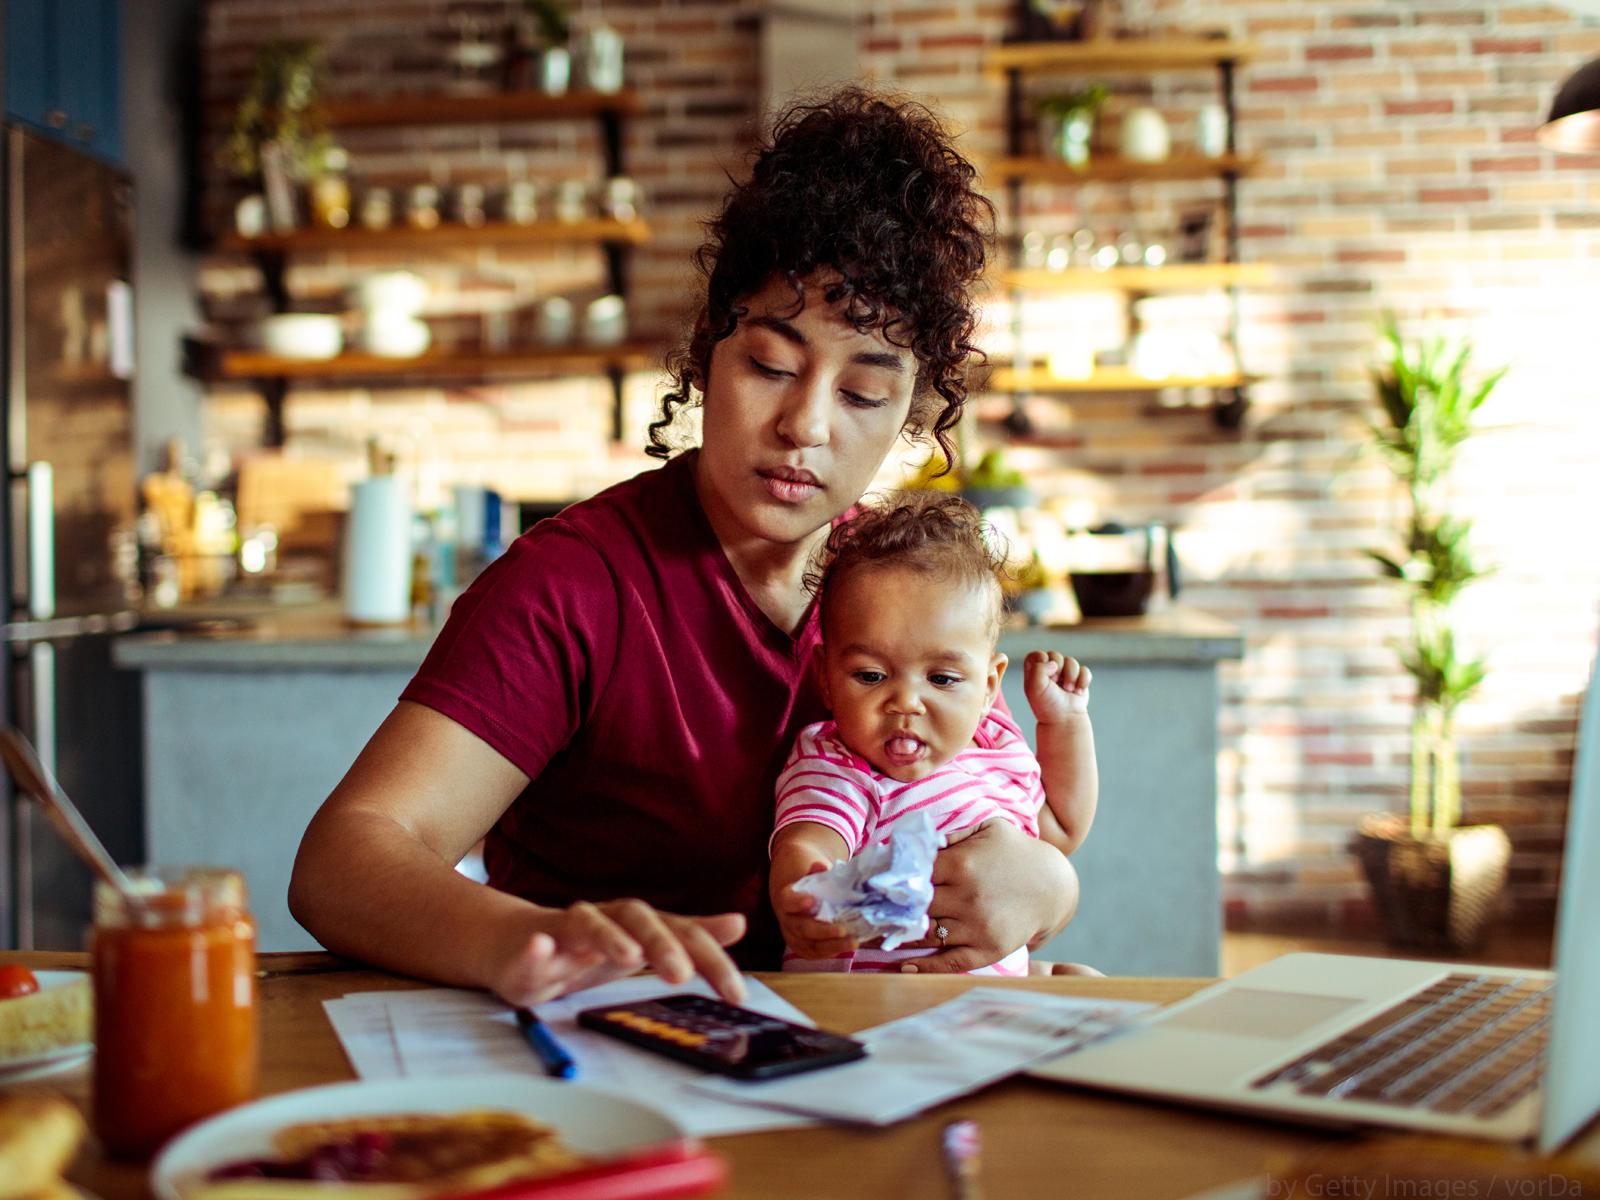 Quais são os dilemas da mãe moderna e como lidar com eles?